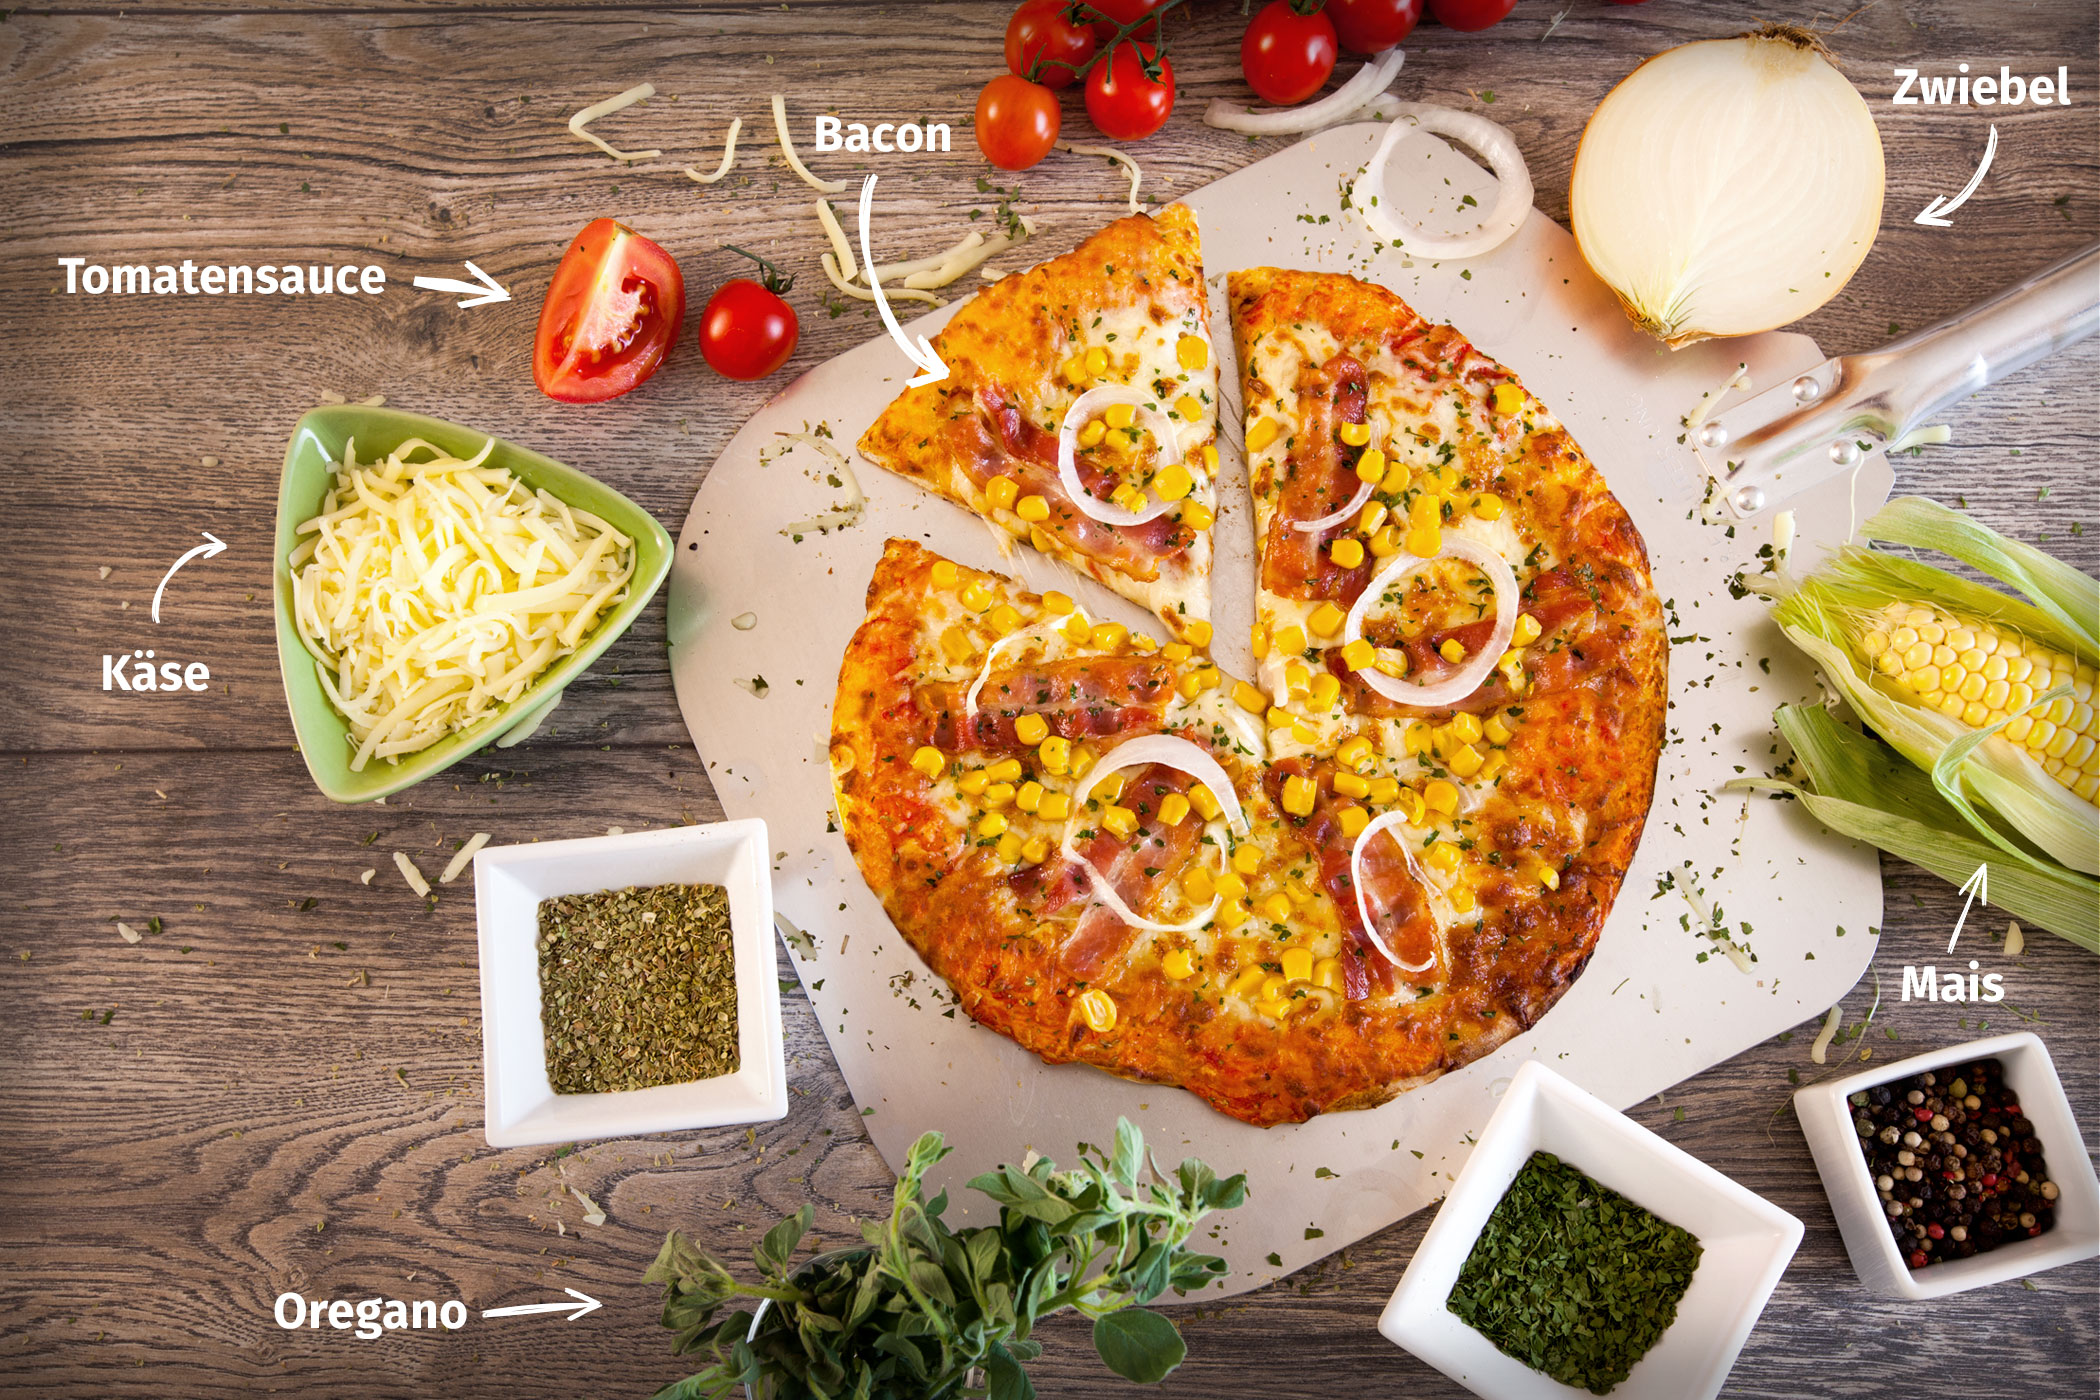 Original Franzesco Pizza Bauern mit Zutaten